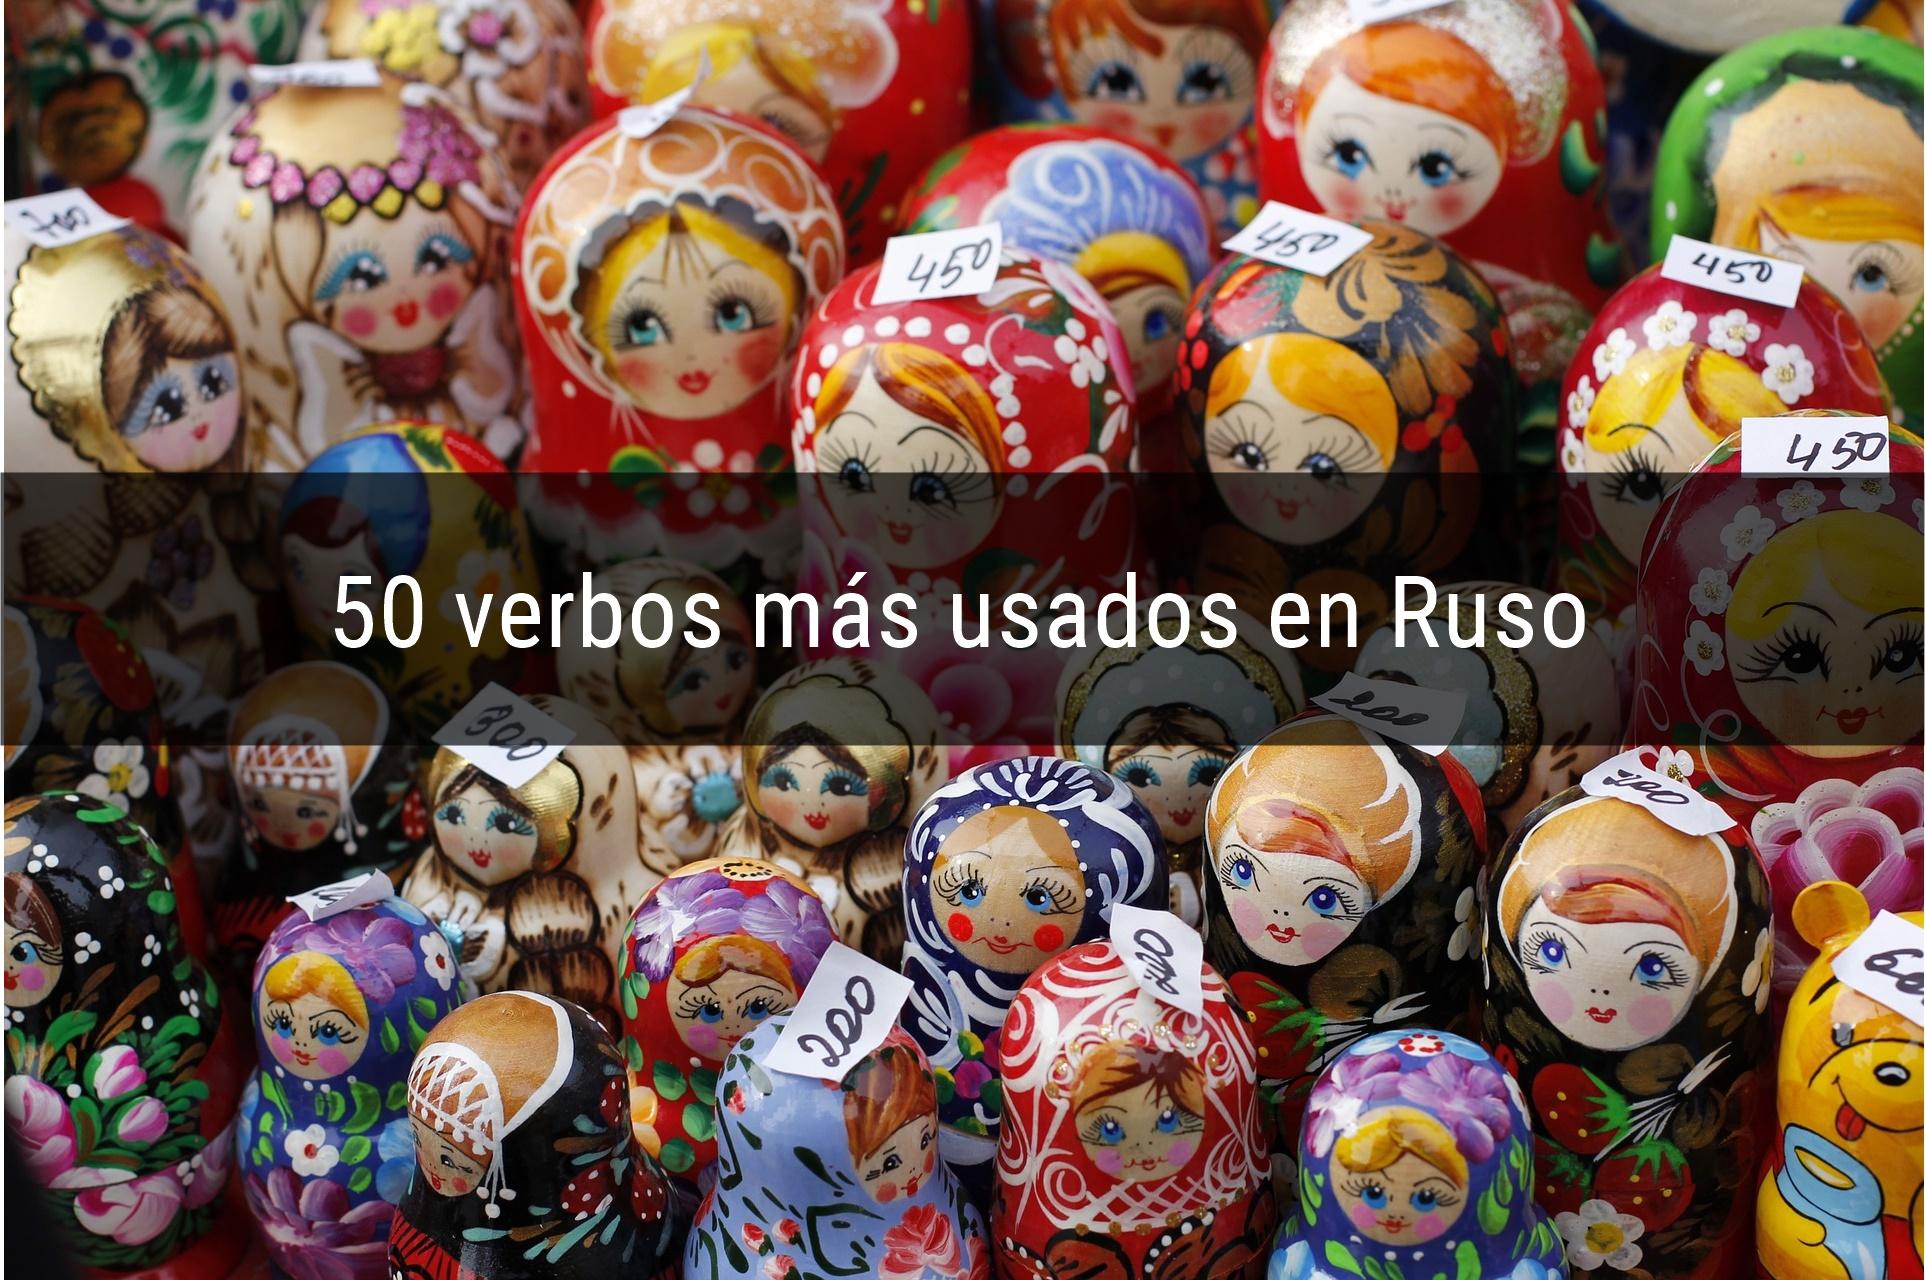 50 verbos mas usados en Ruso